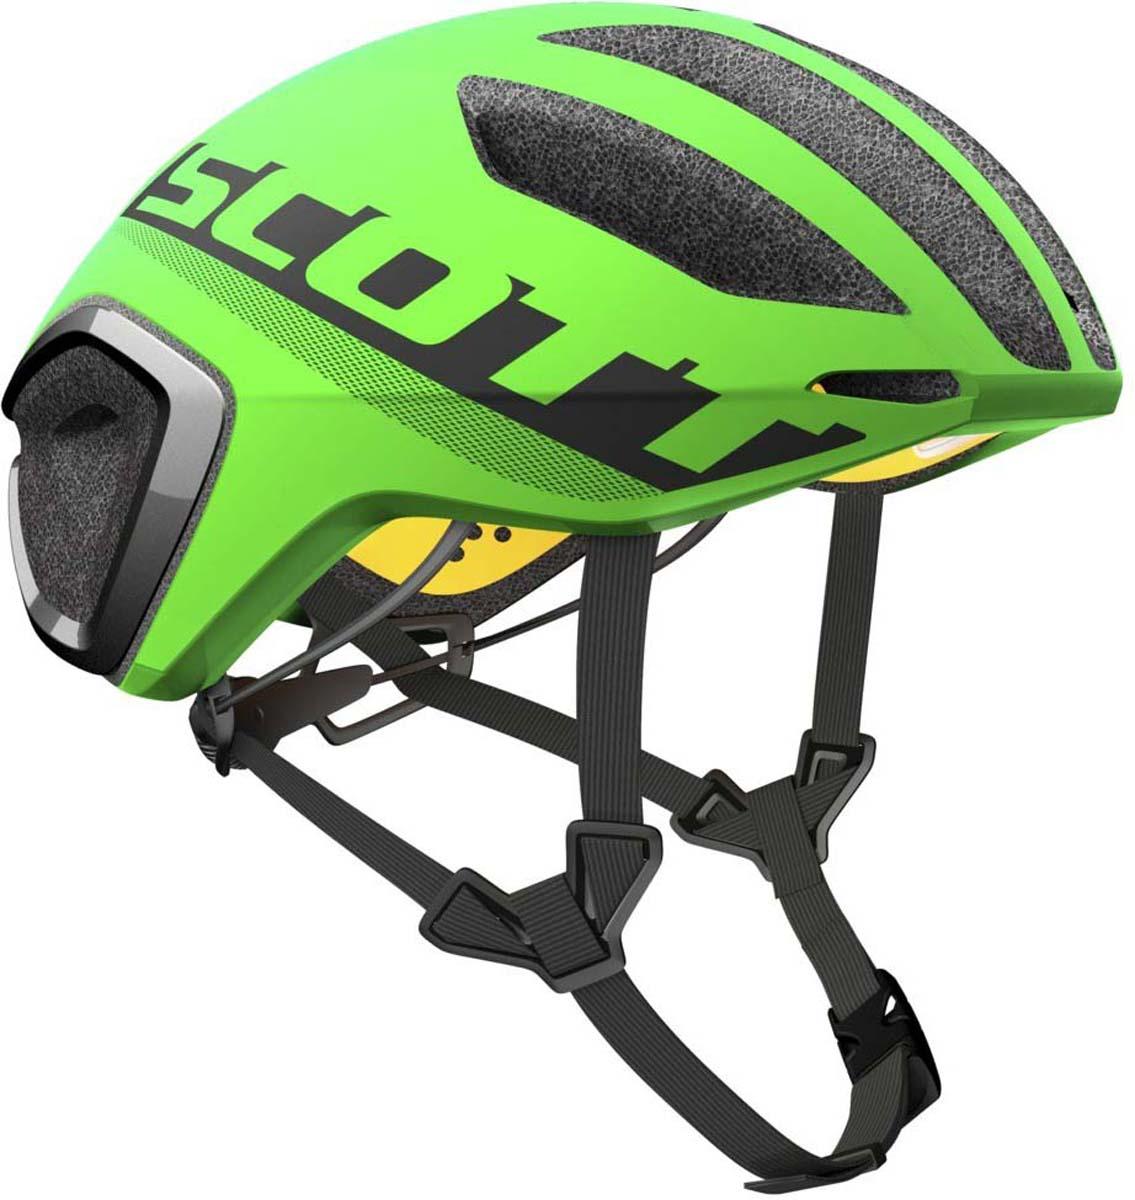 Шлем защитный Scott Cadence Plus, цвет: зеленый, черный. Размер M (55-59)